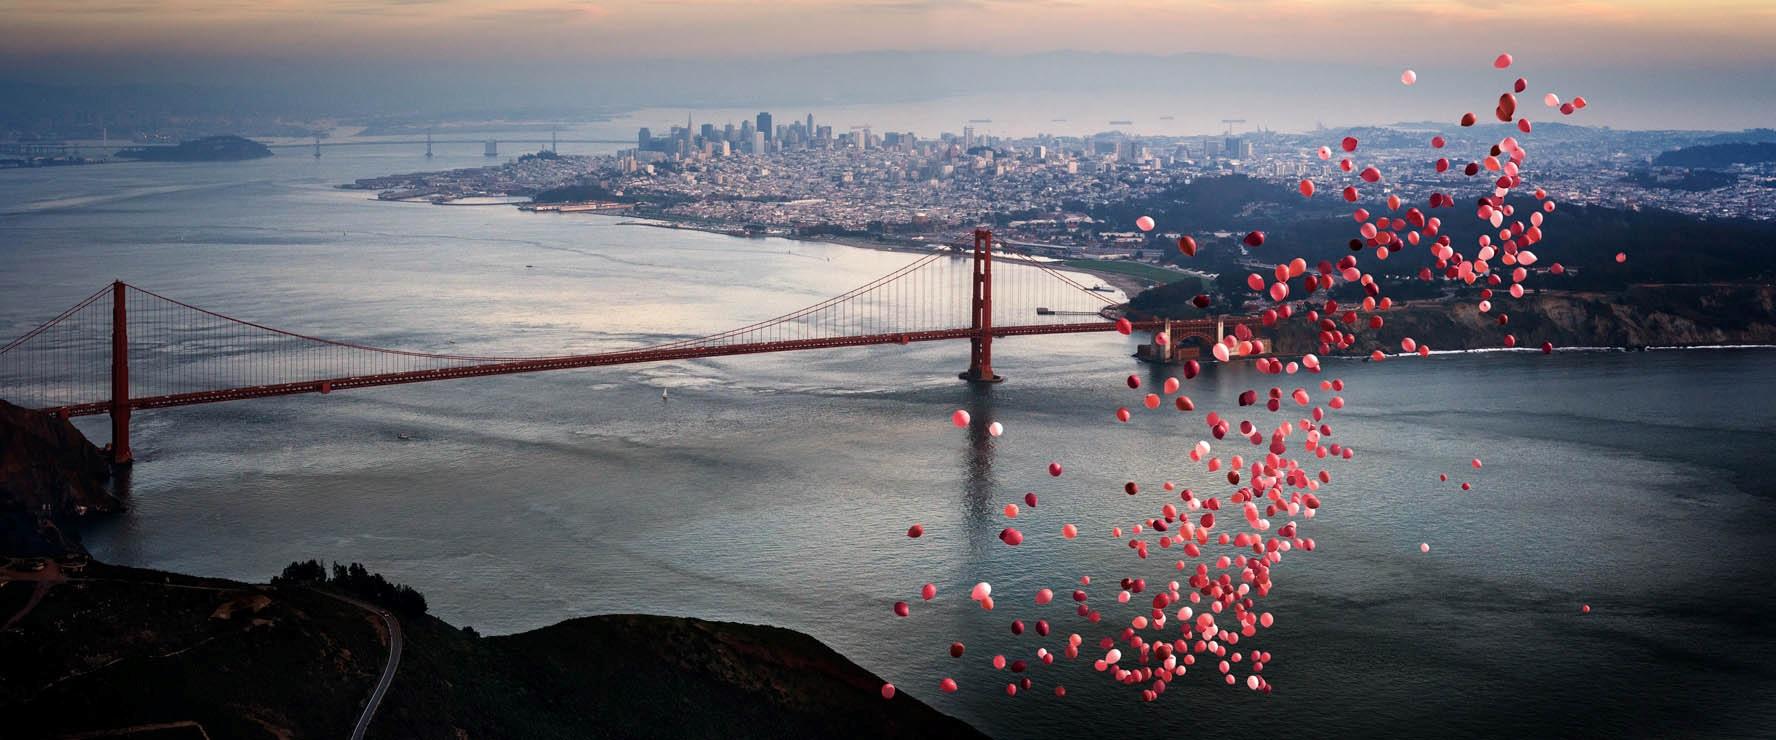 Balloons Over San Francisco